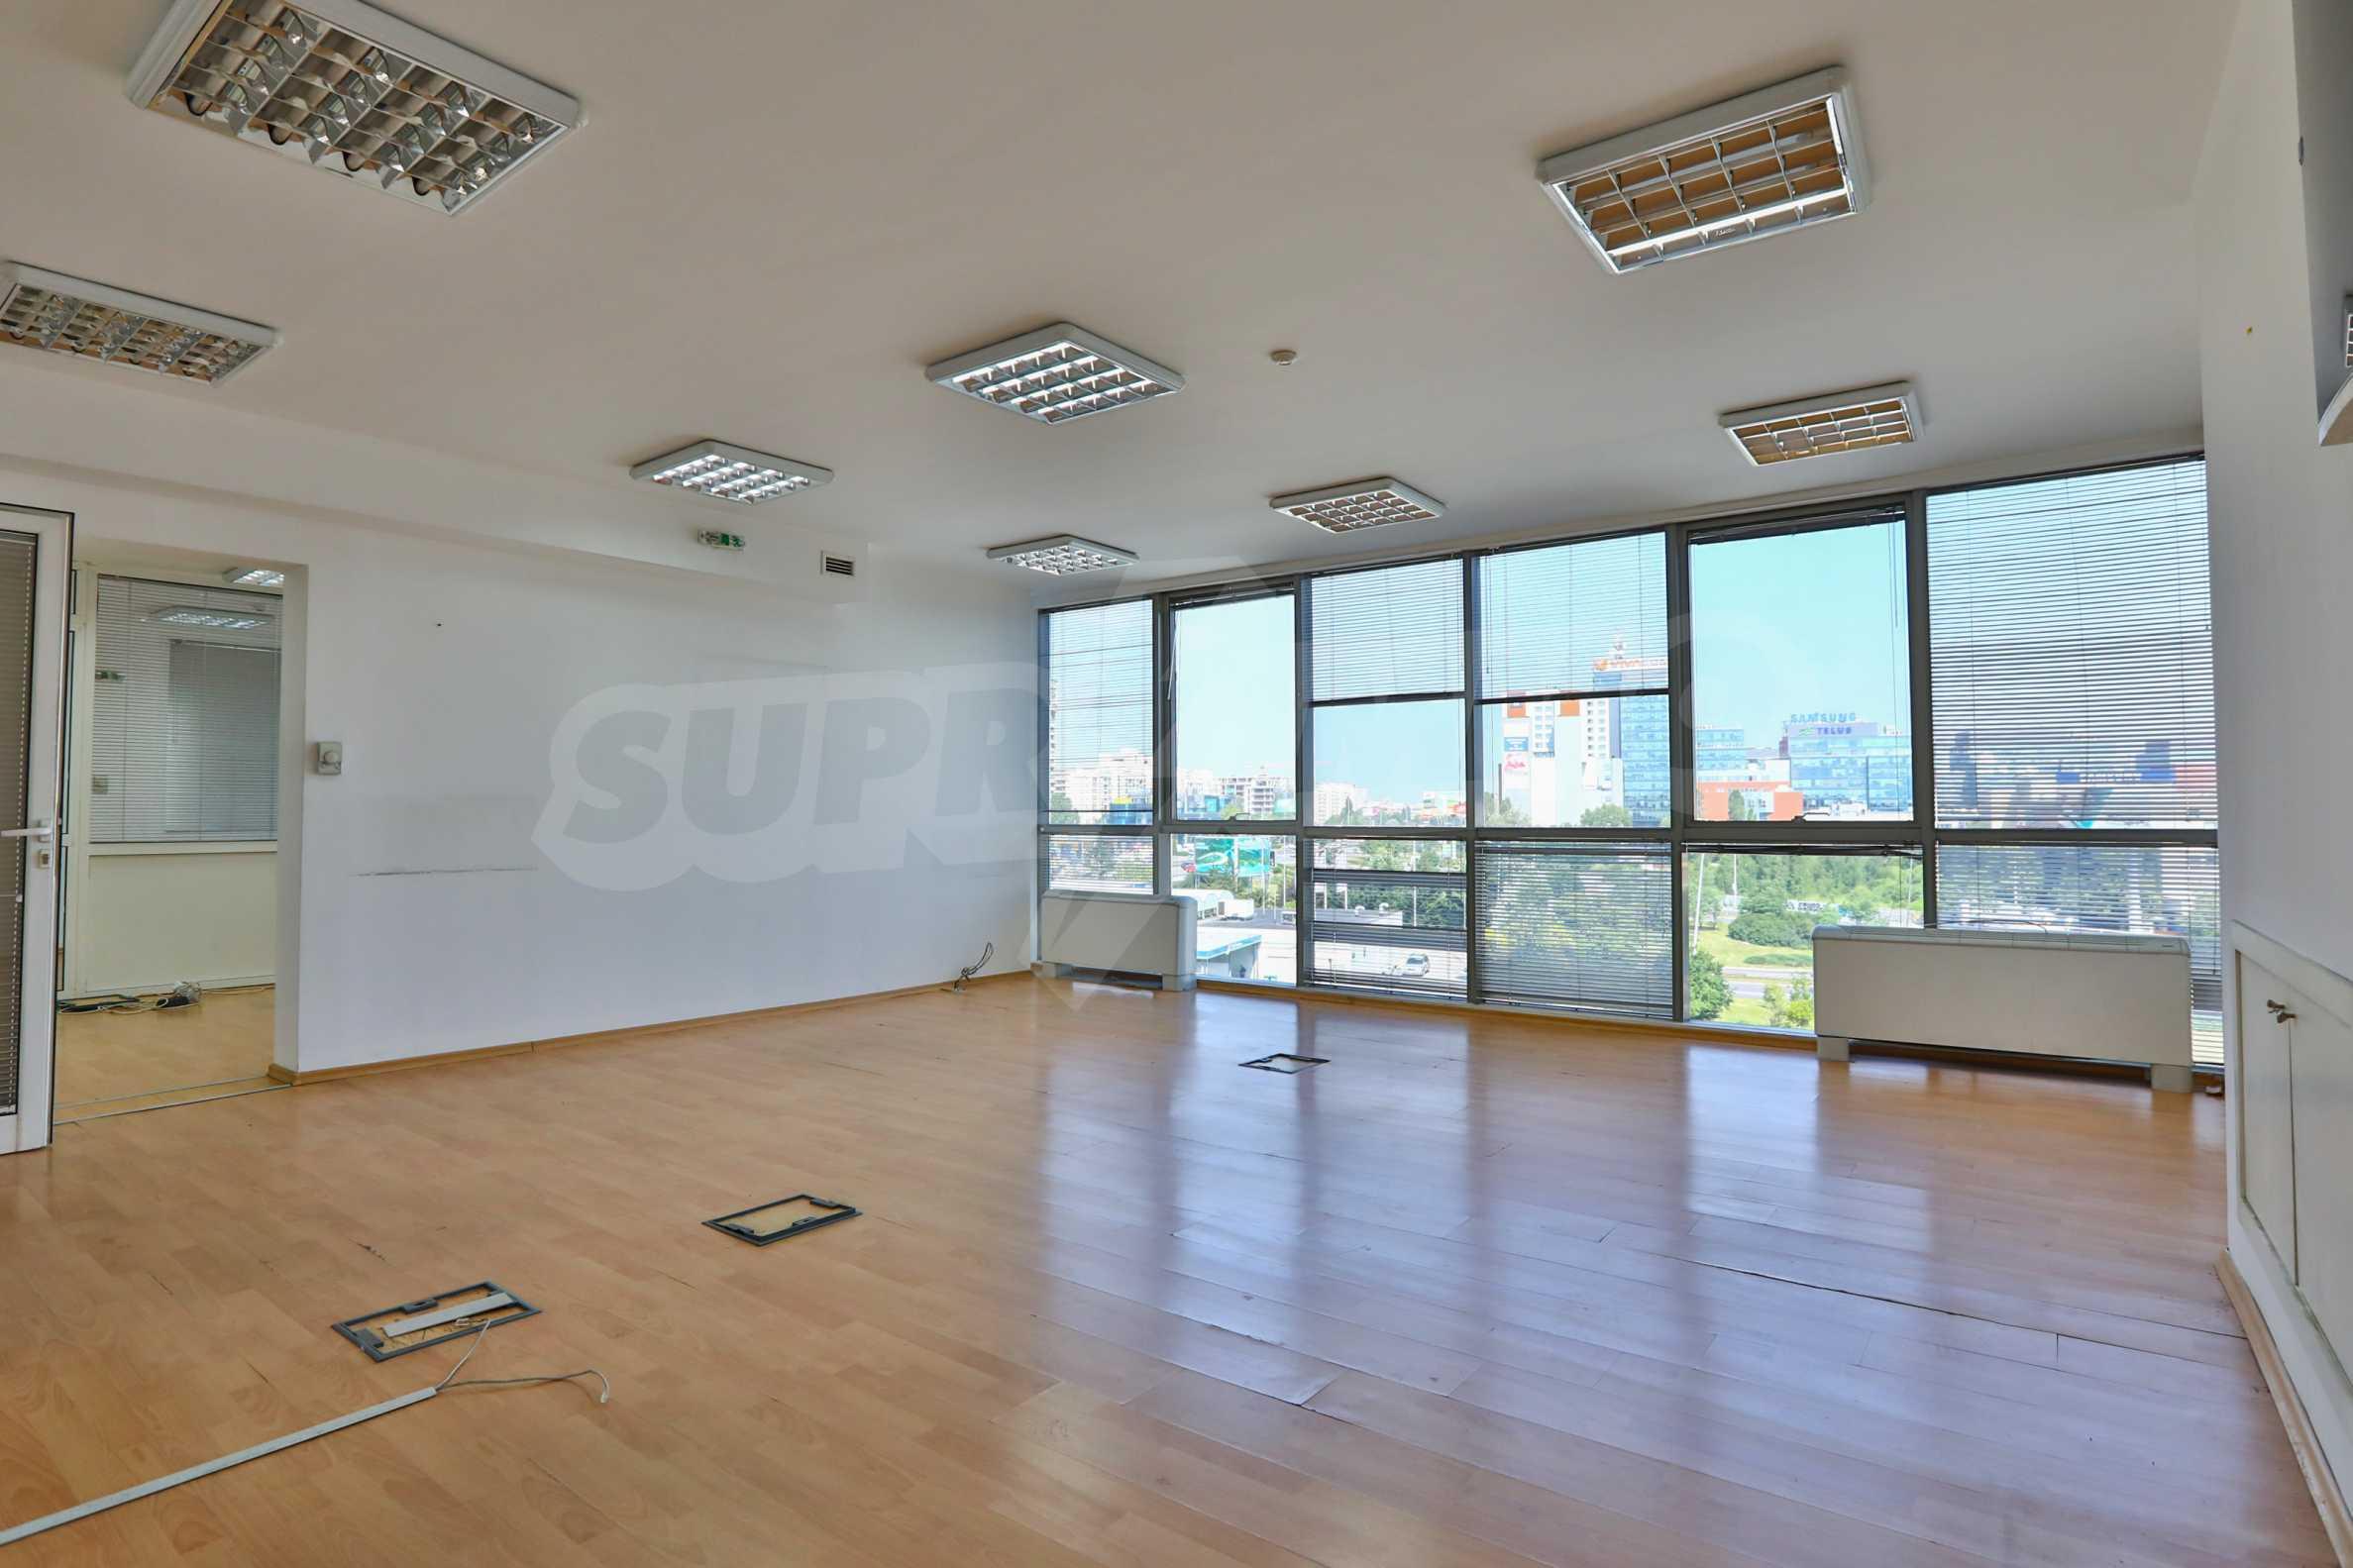 Площи тип open space в офис зоната на бул. Цариградско шосе 20